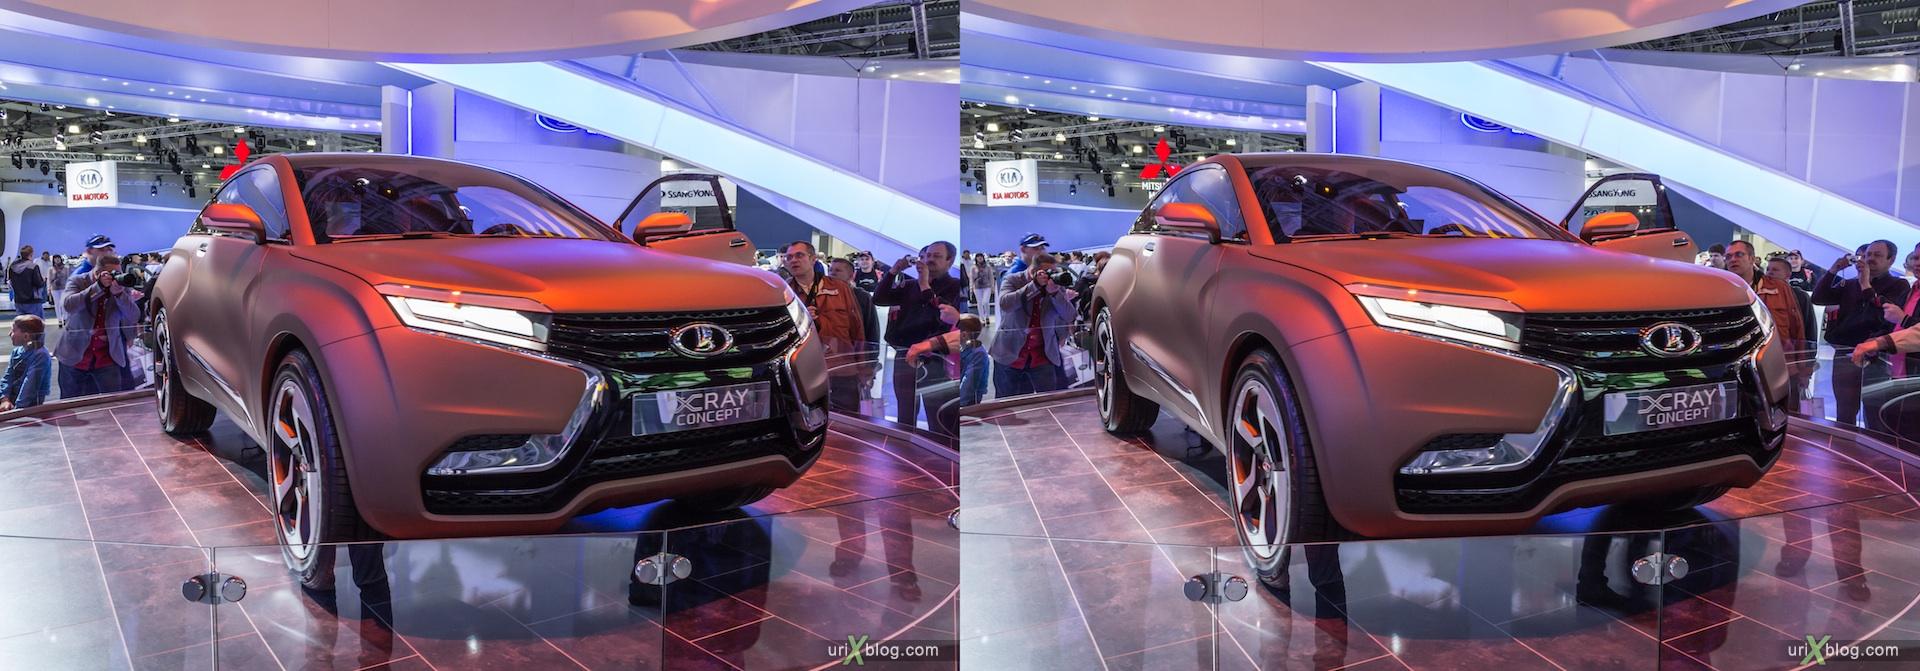 2012, Lada X-Ray Concept, Московский международный автомобильный салон, ММАС, Крокус Экспо, 3D, стереопара